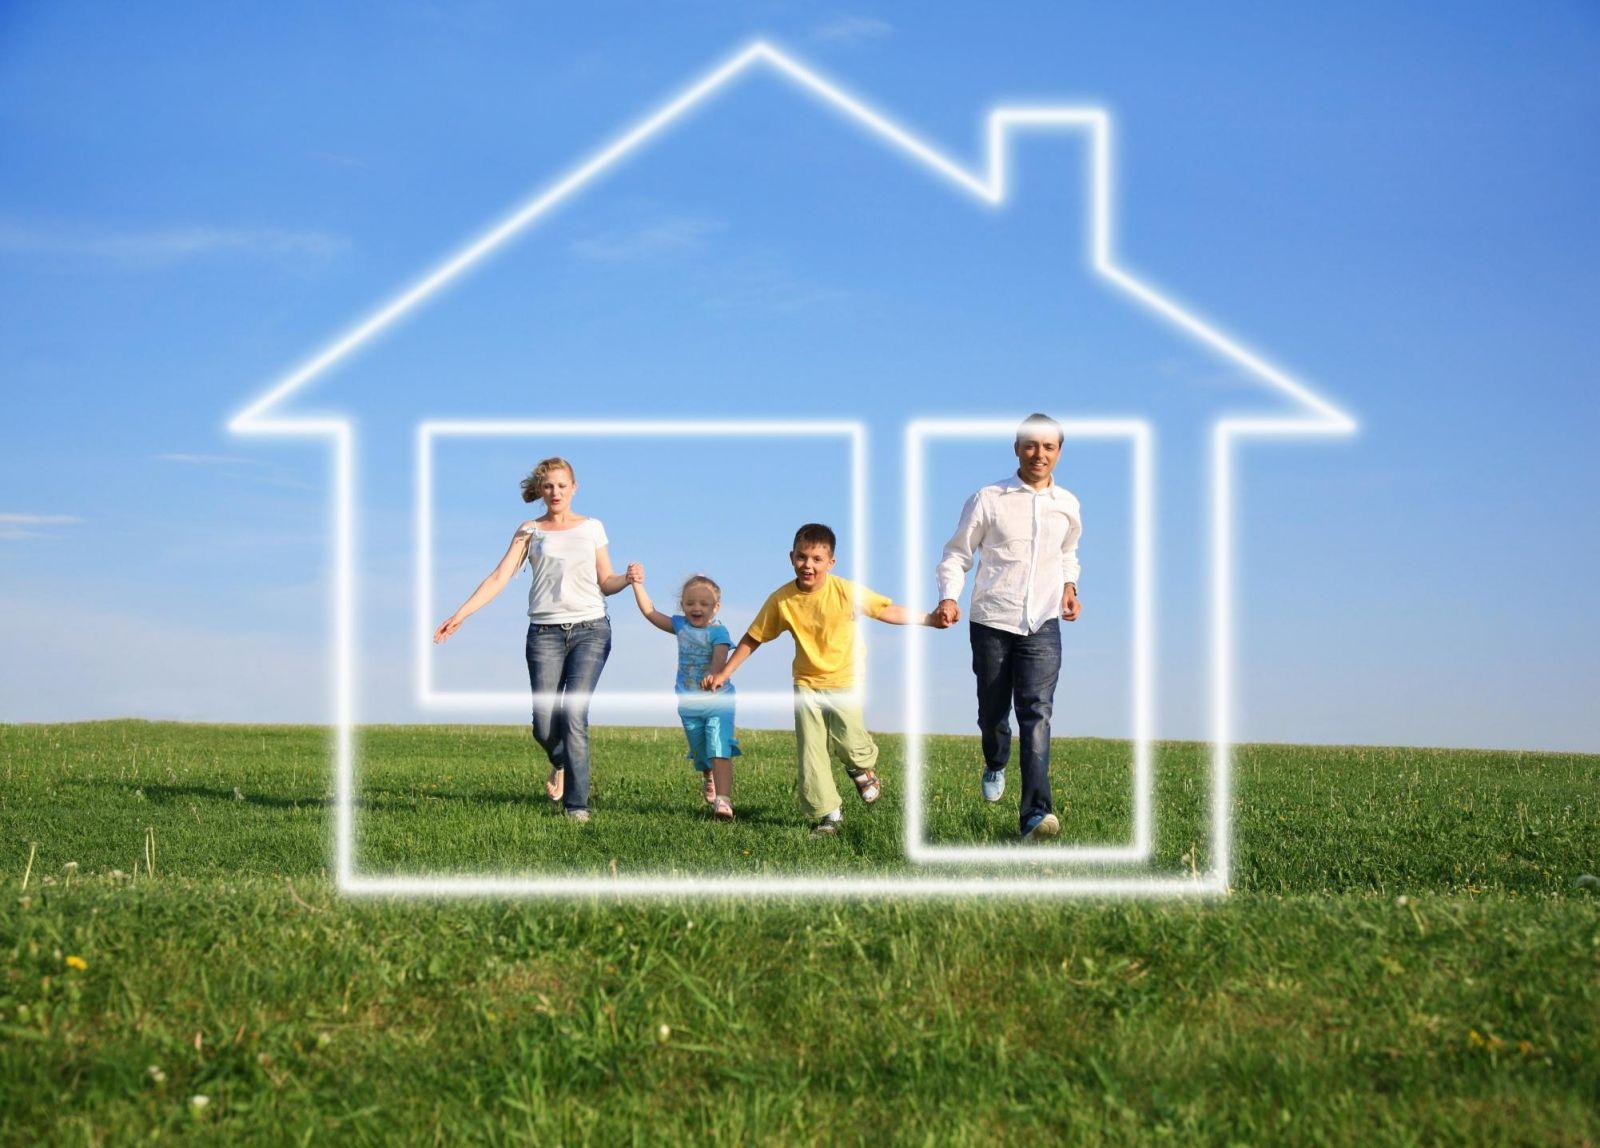 далее термобелье продажа жилья многодетной семье носят прямо голое